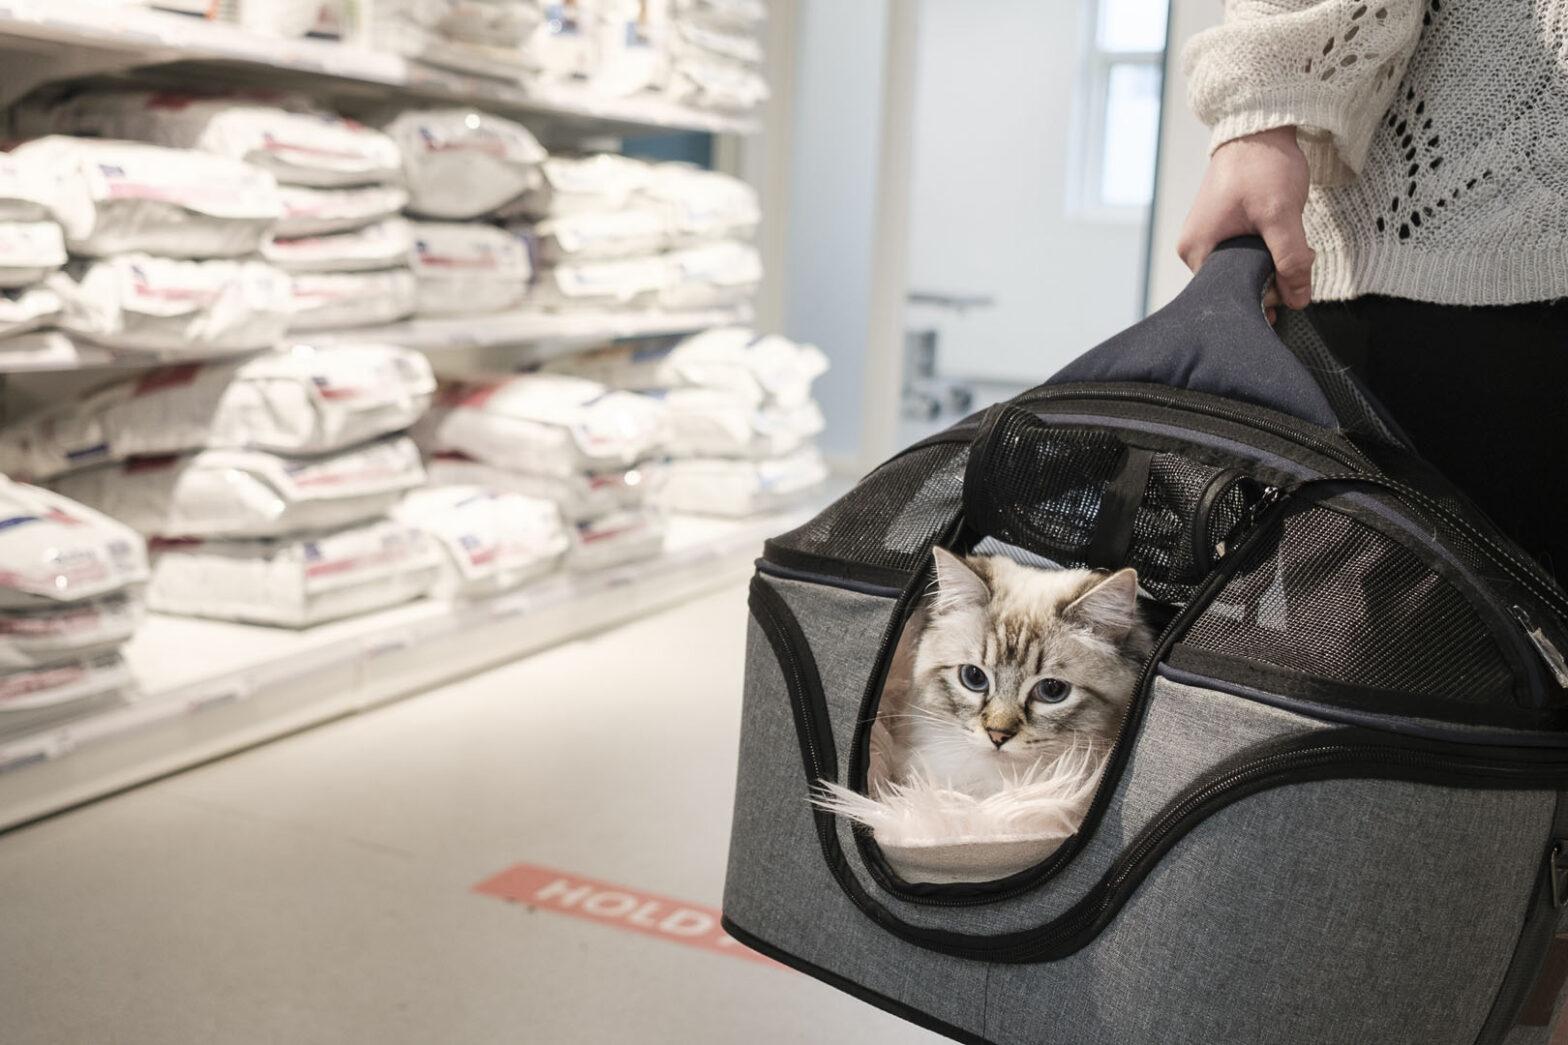 Operation og kikkertundersøgelse af kat   Dyrlægegruppen Dania